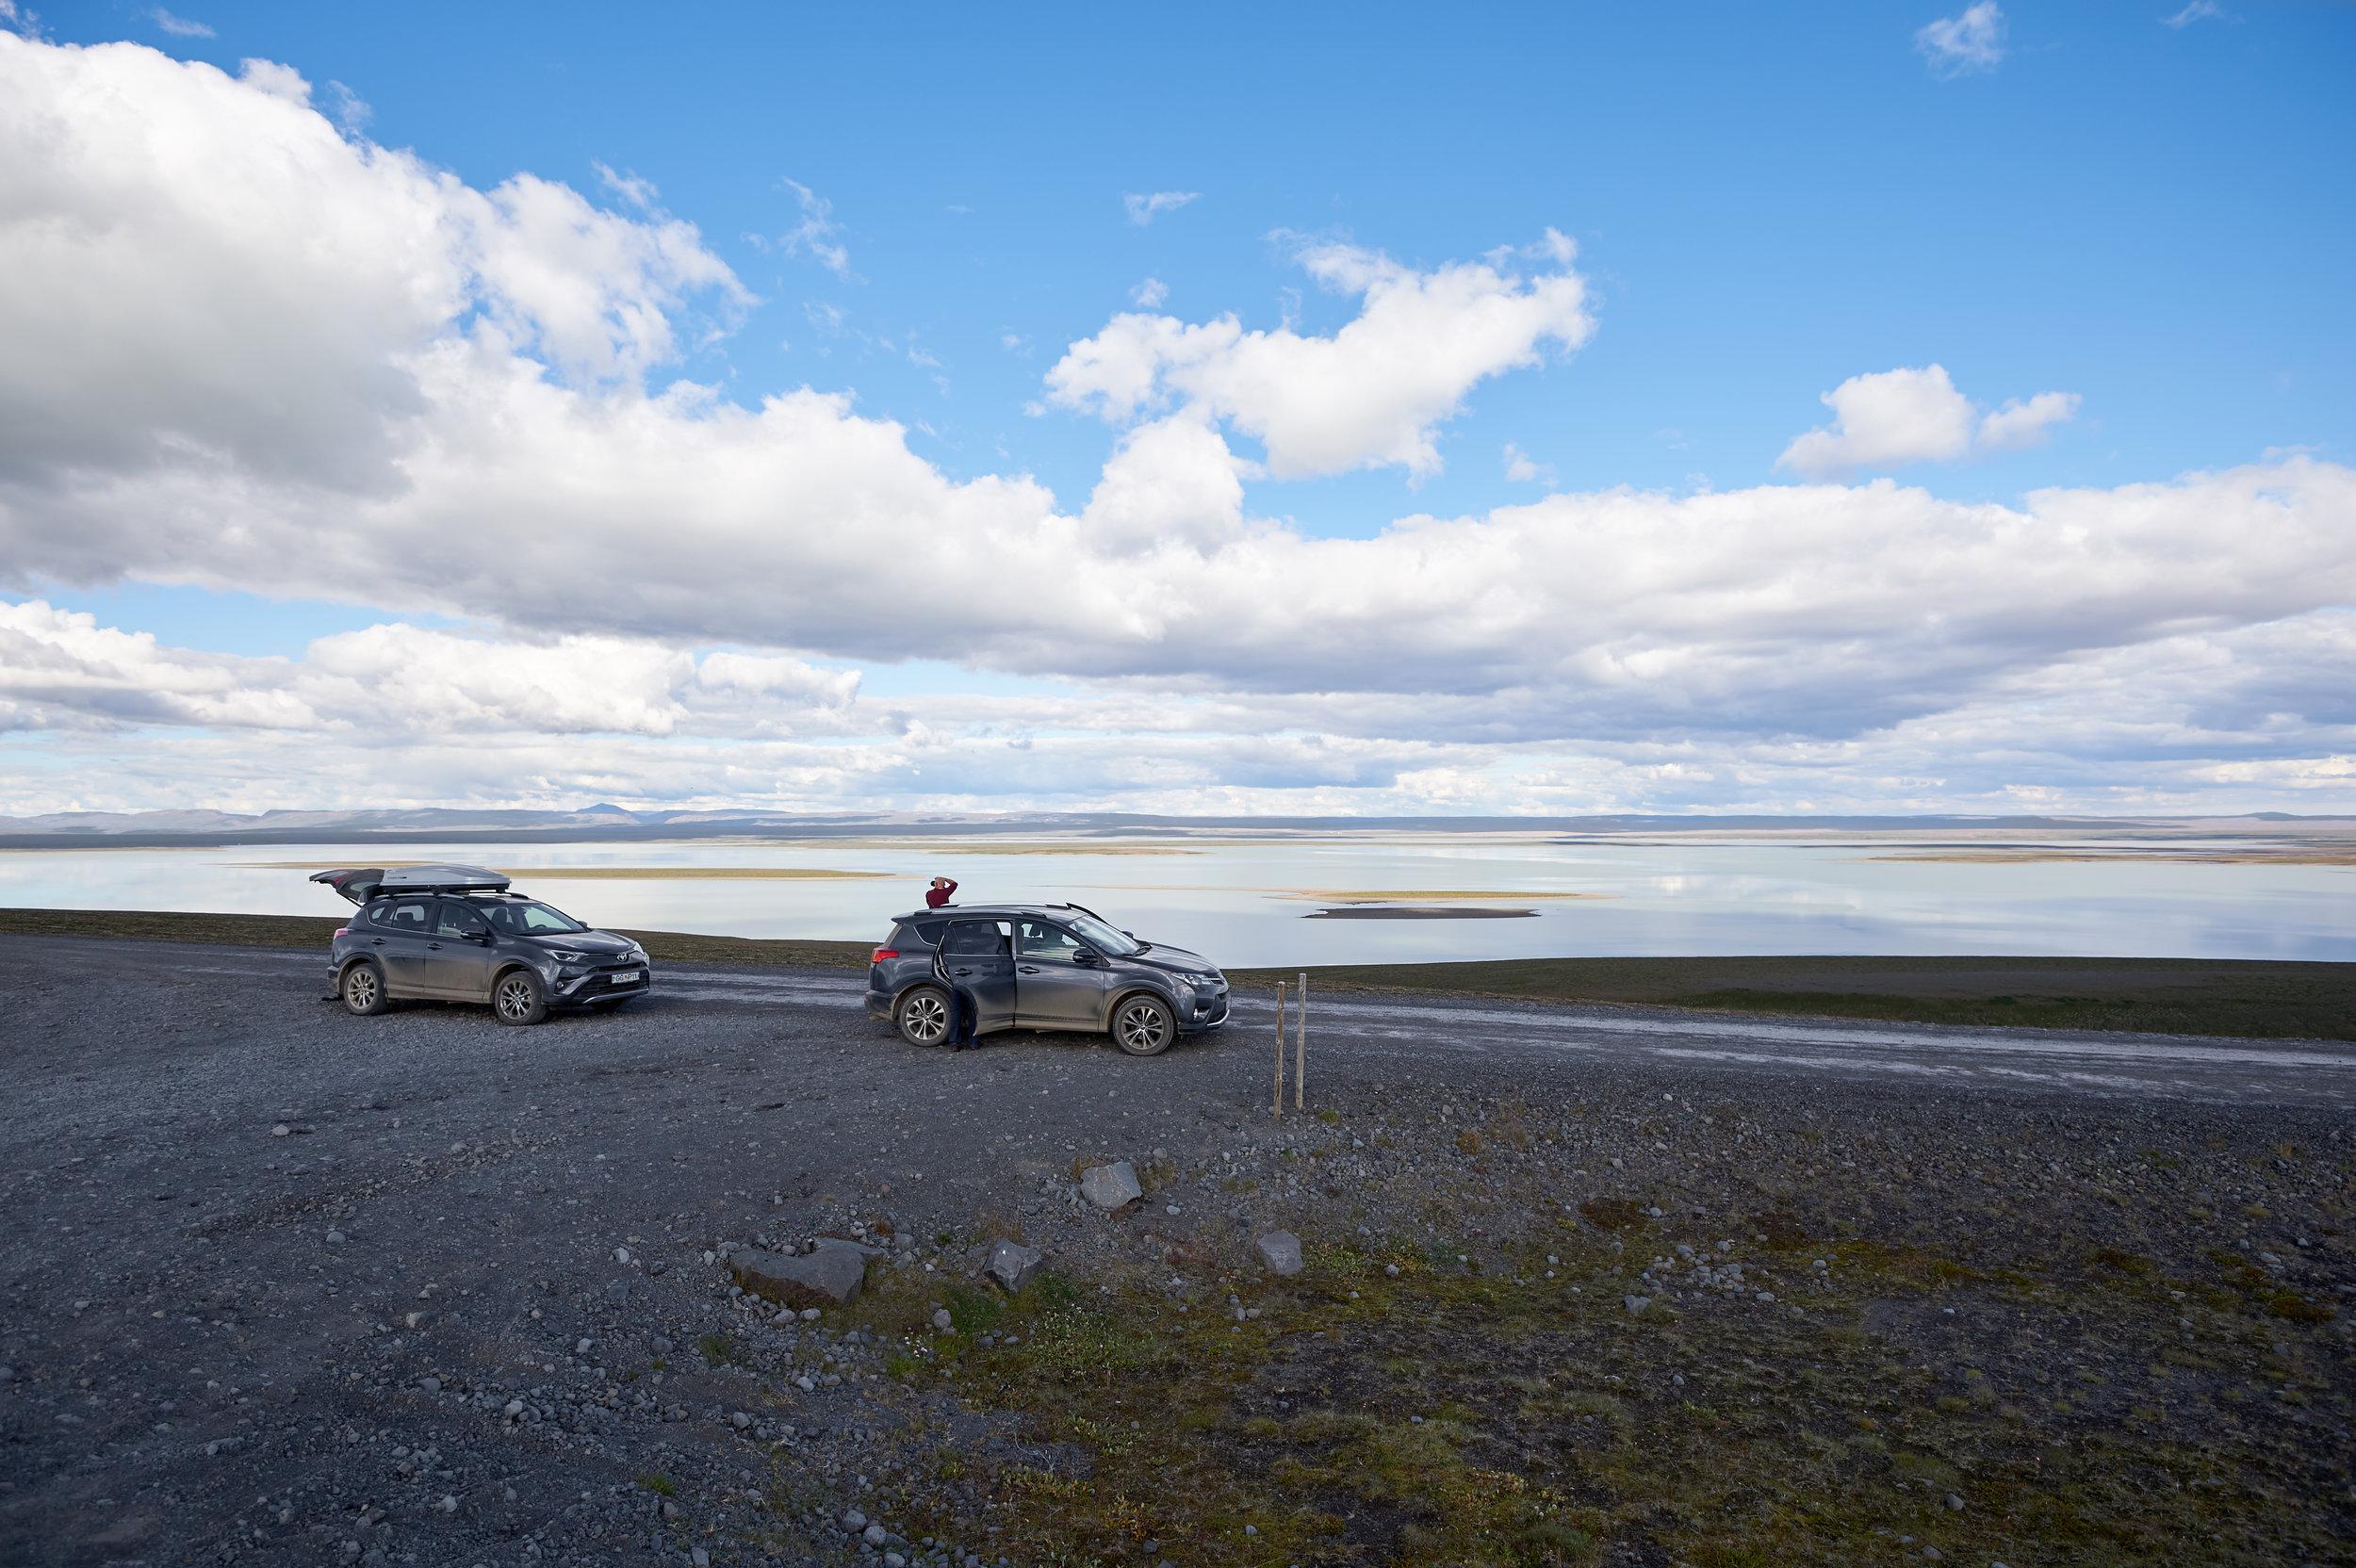 IJsland-Car2Car-shots-6.jpg